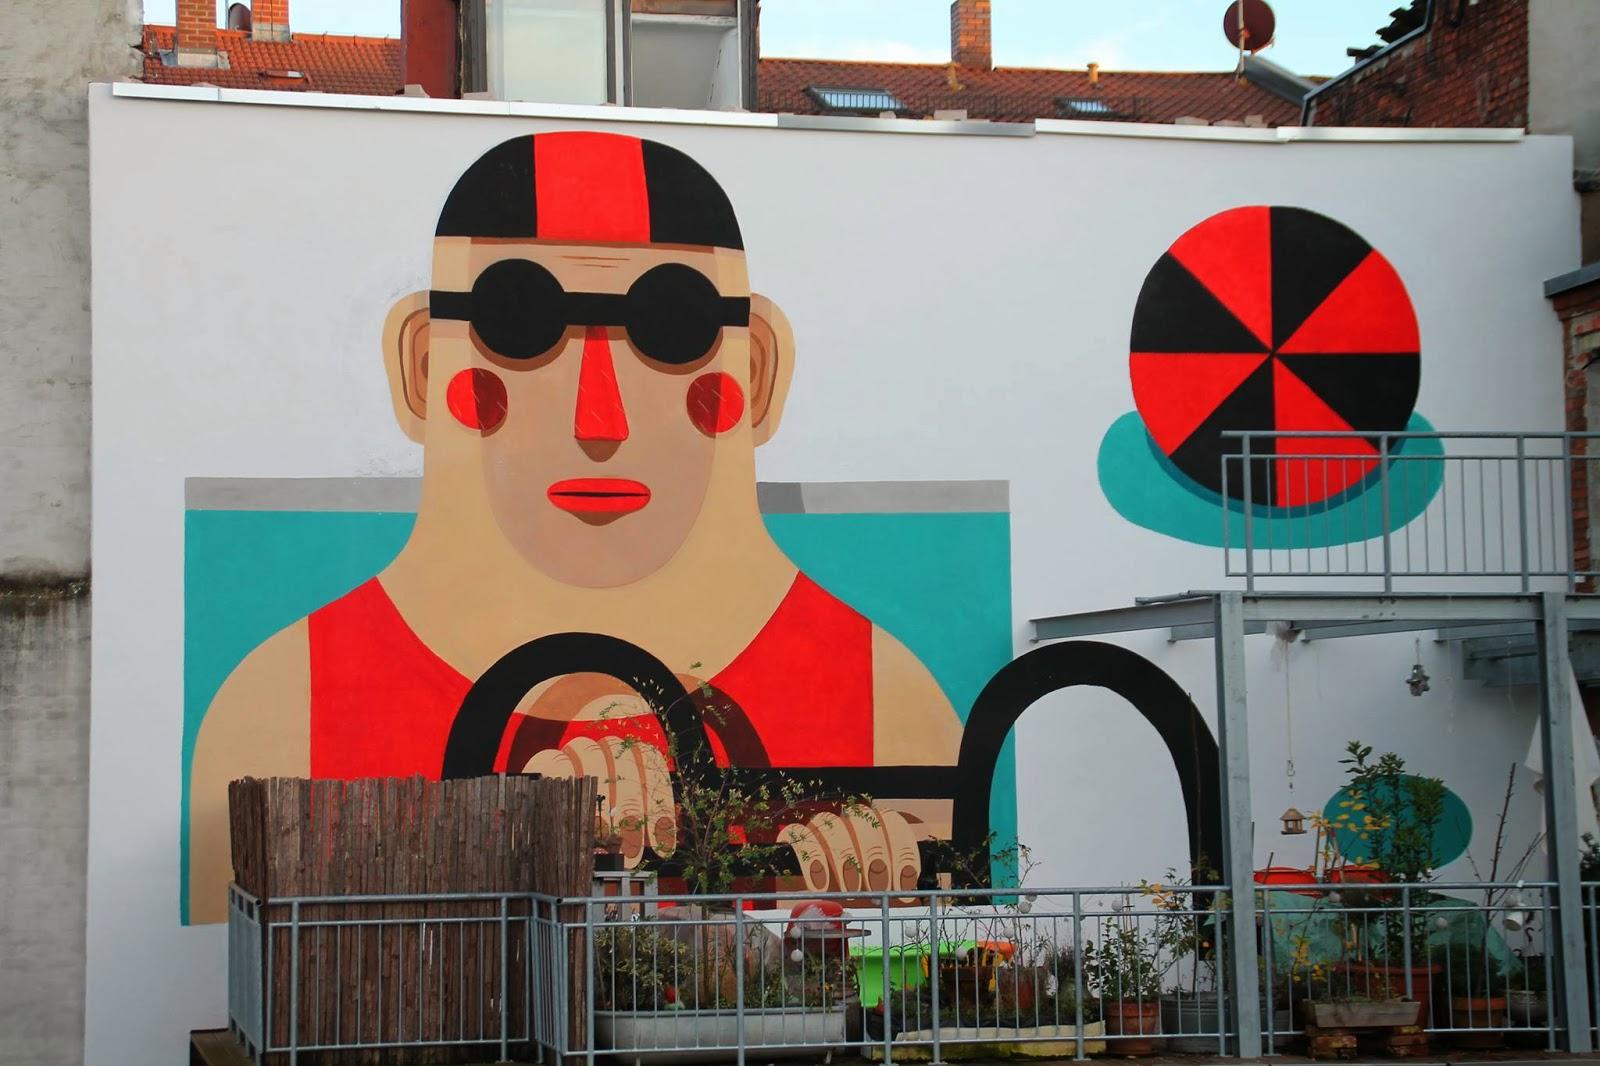 Le street art illustrata di Agostino Iacurci